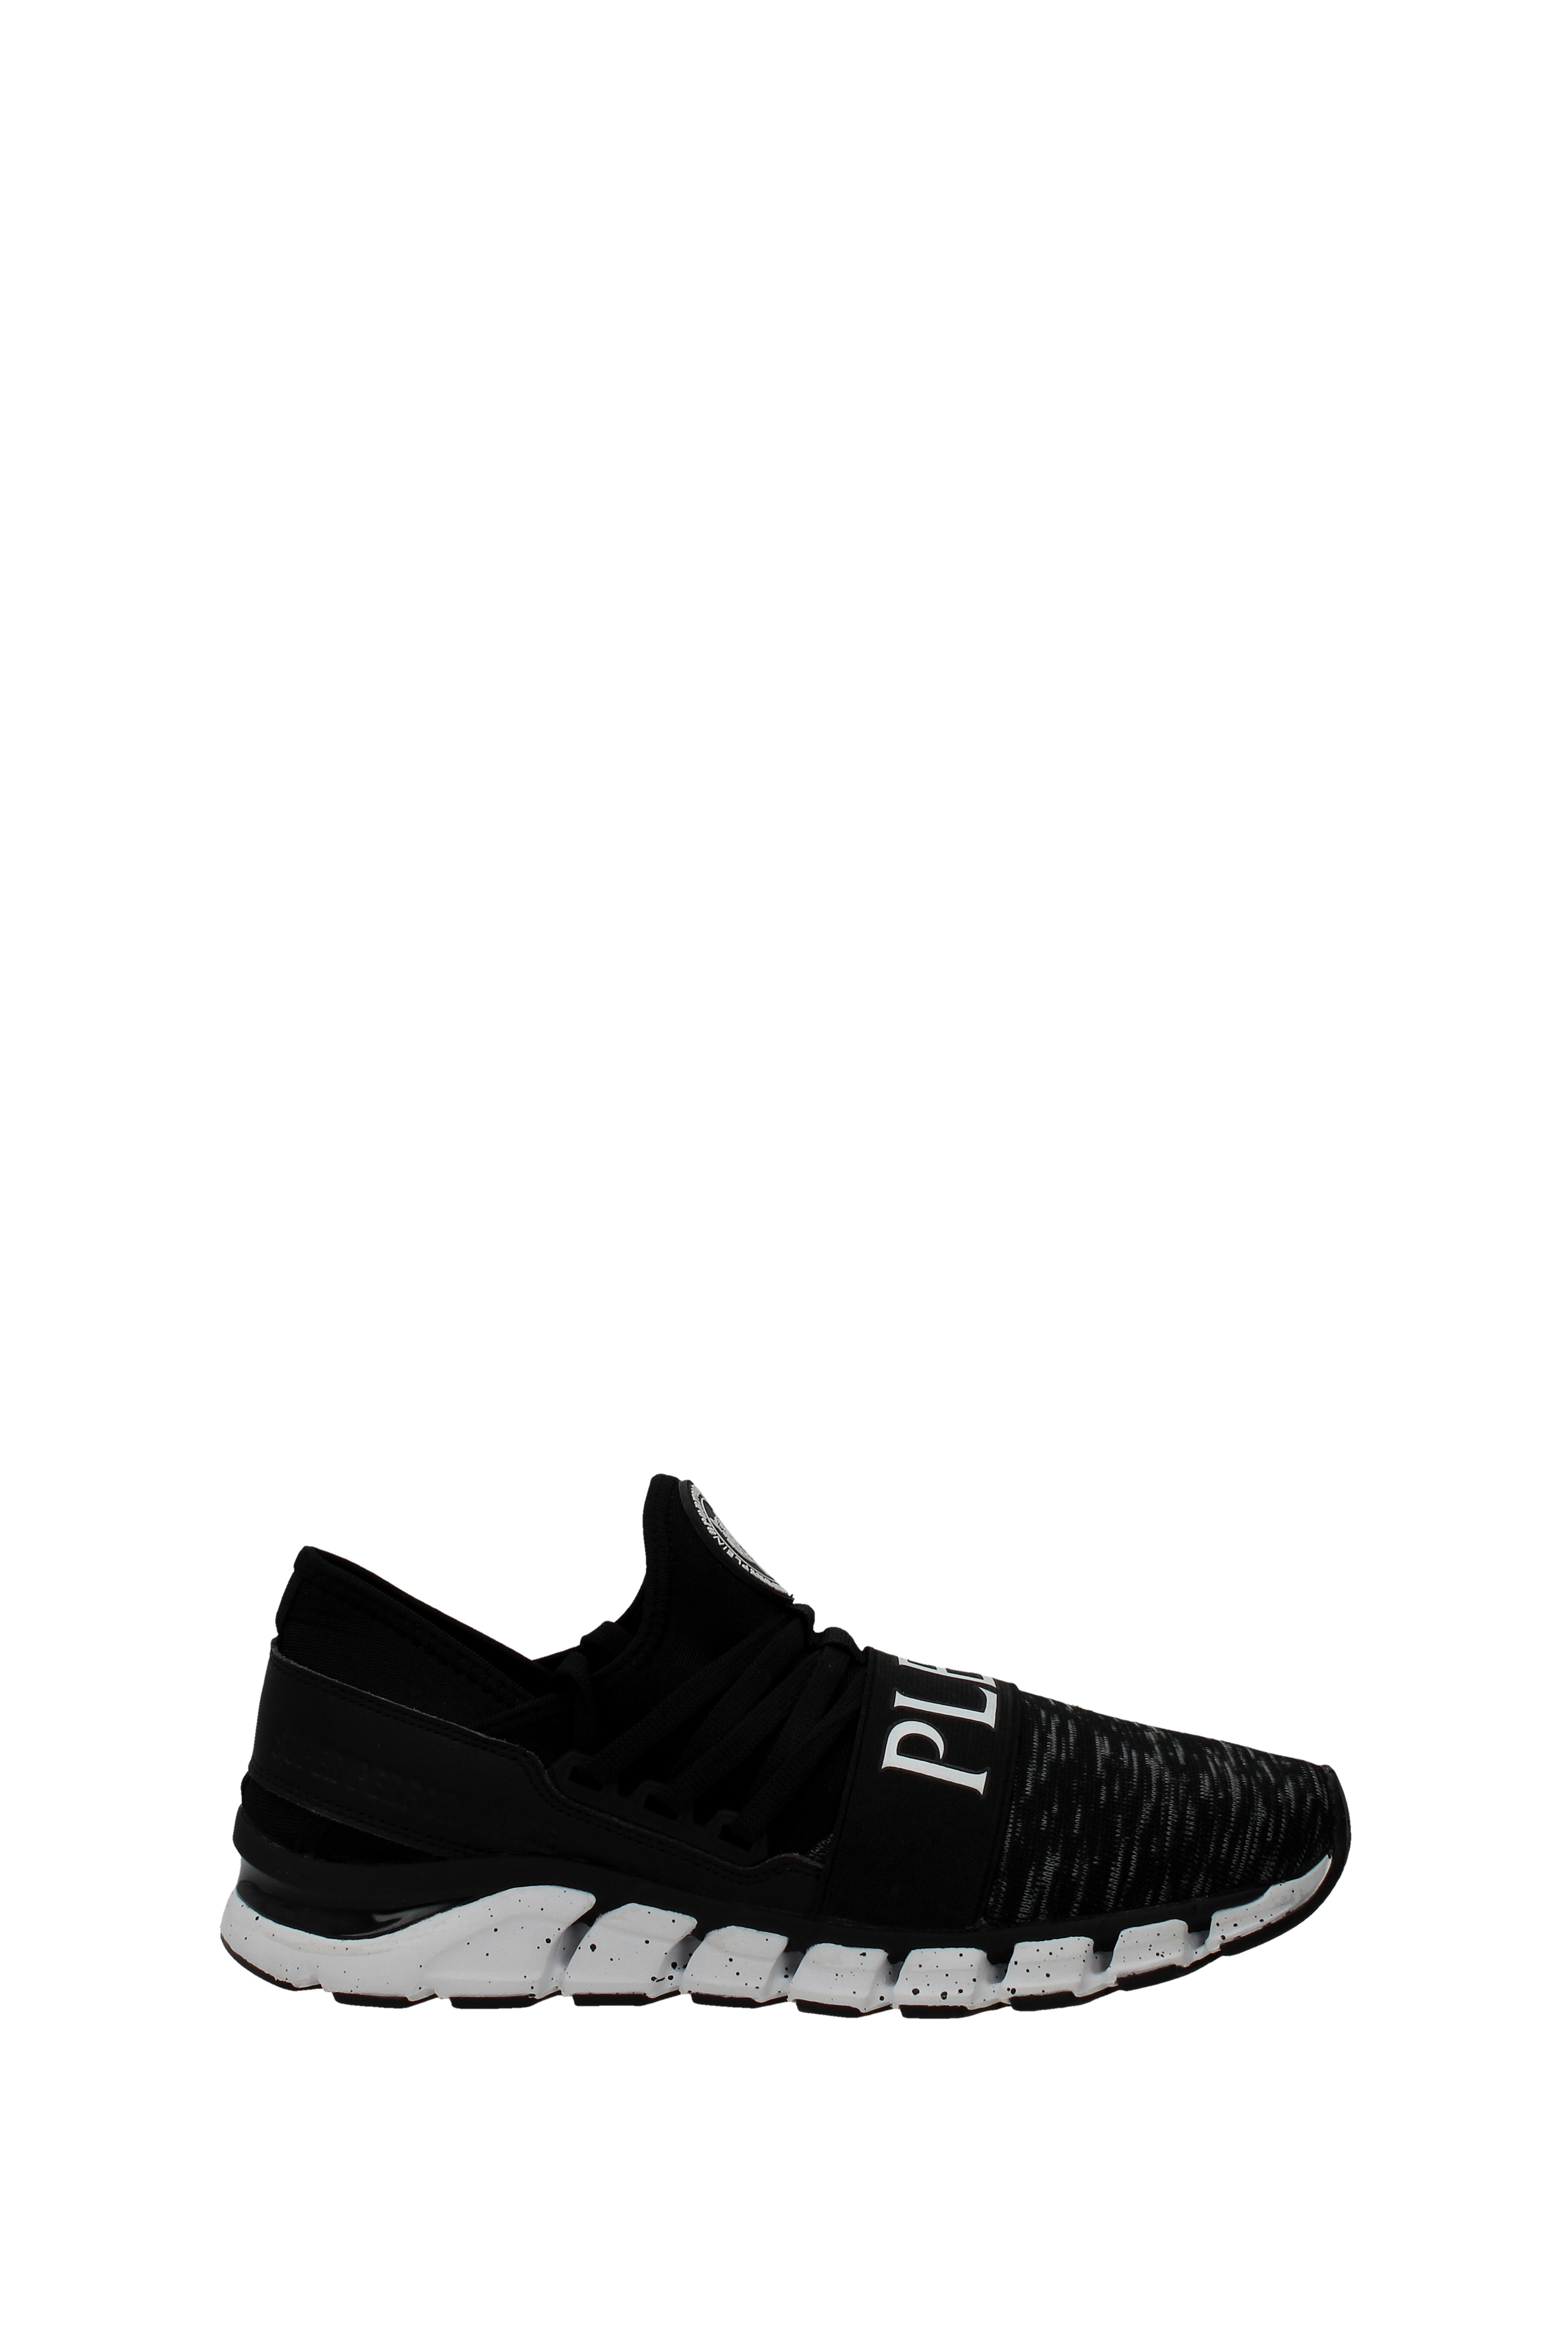 Plein Sport Manuel Runner sneakers good selling sale online 5mtLAp